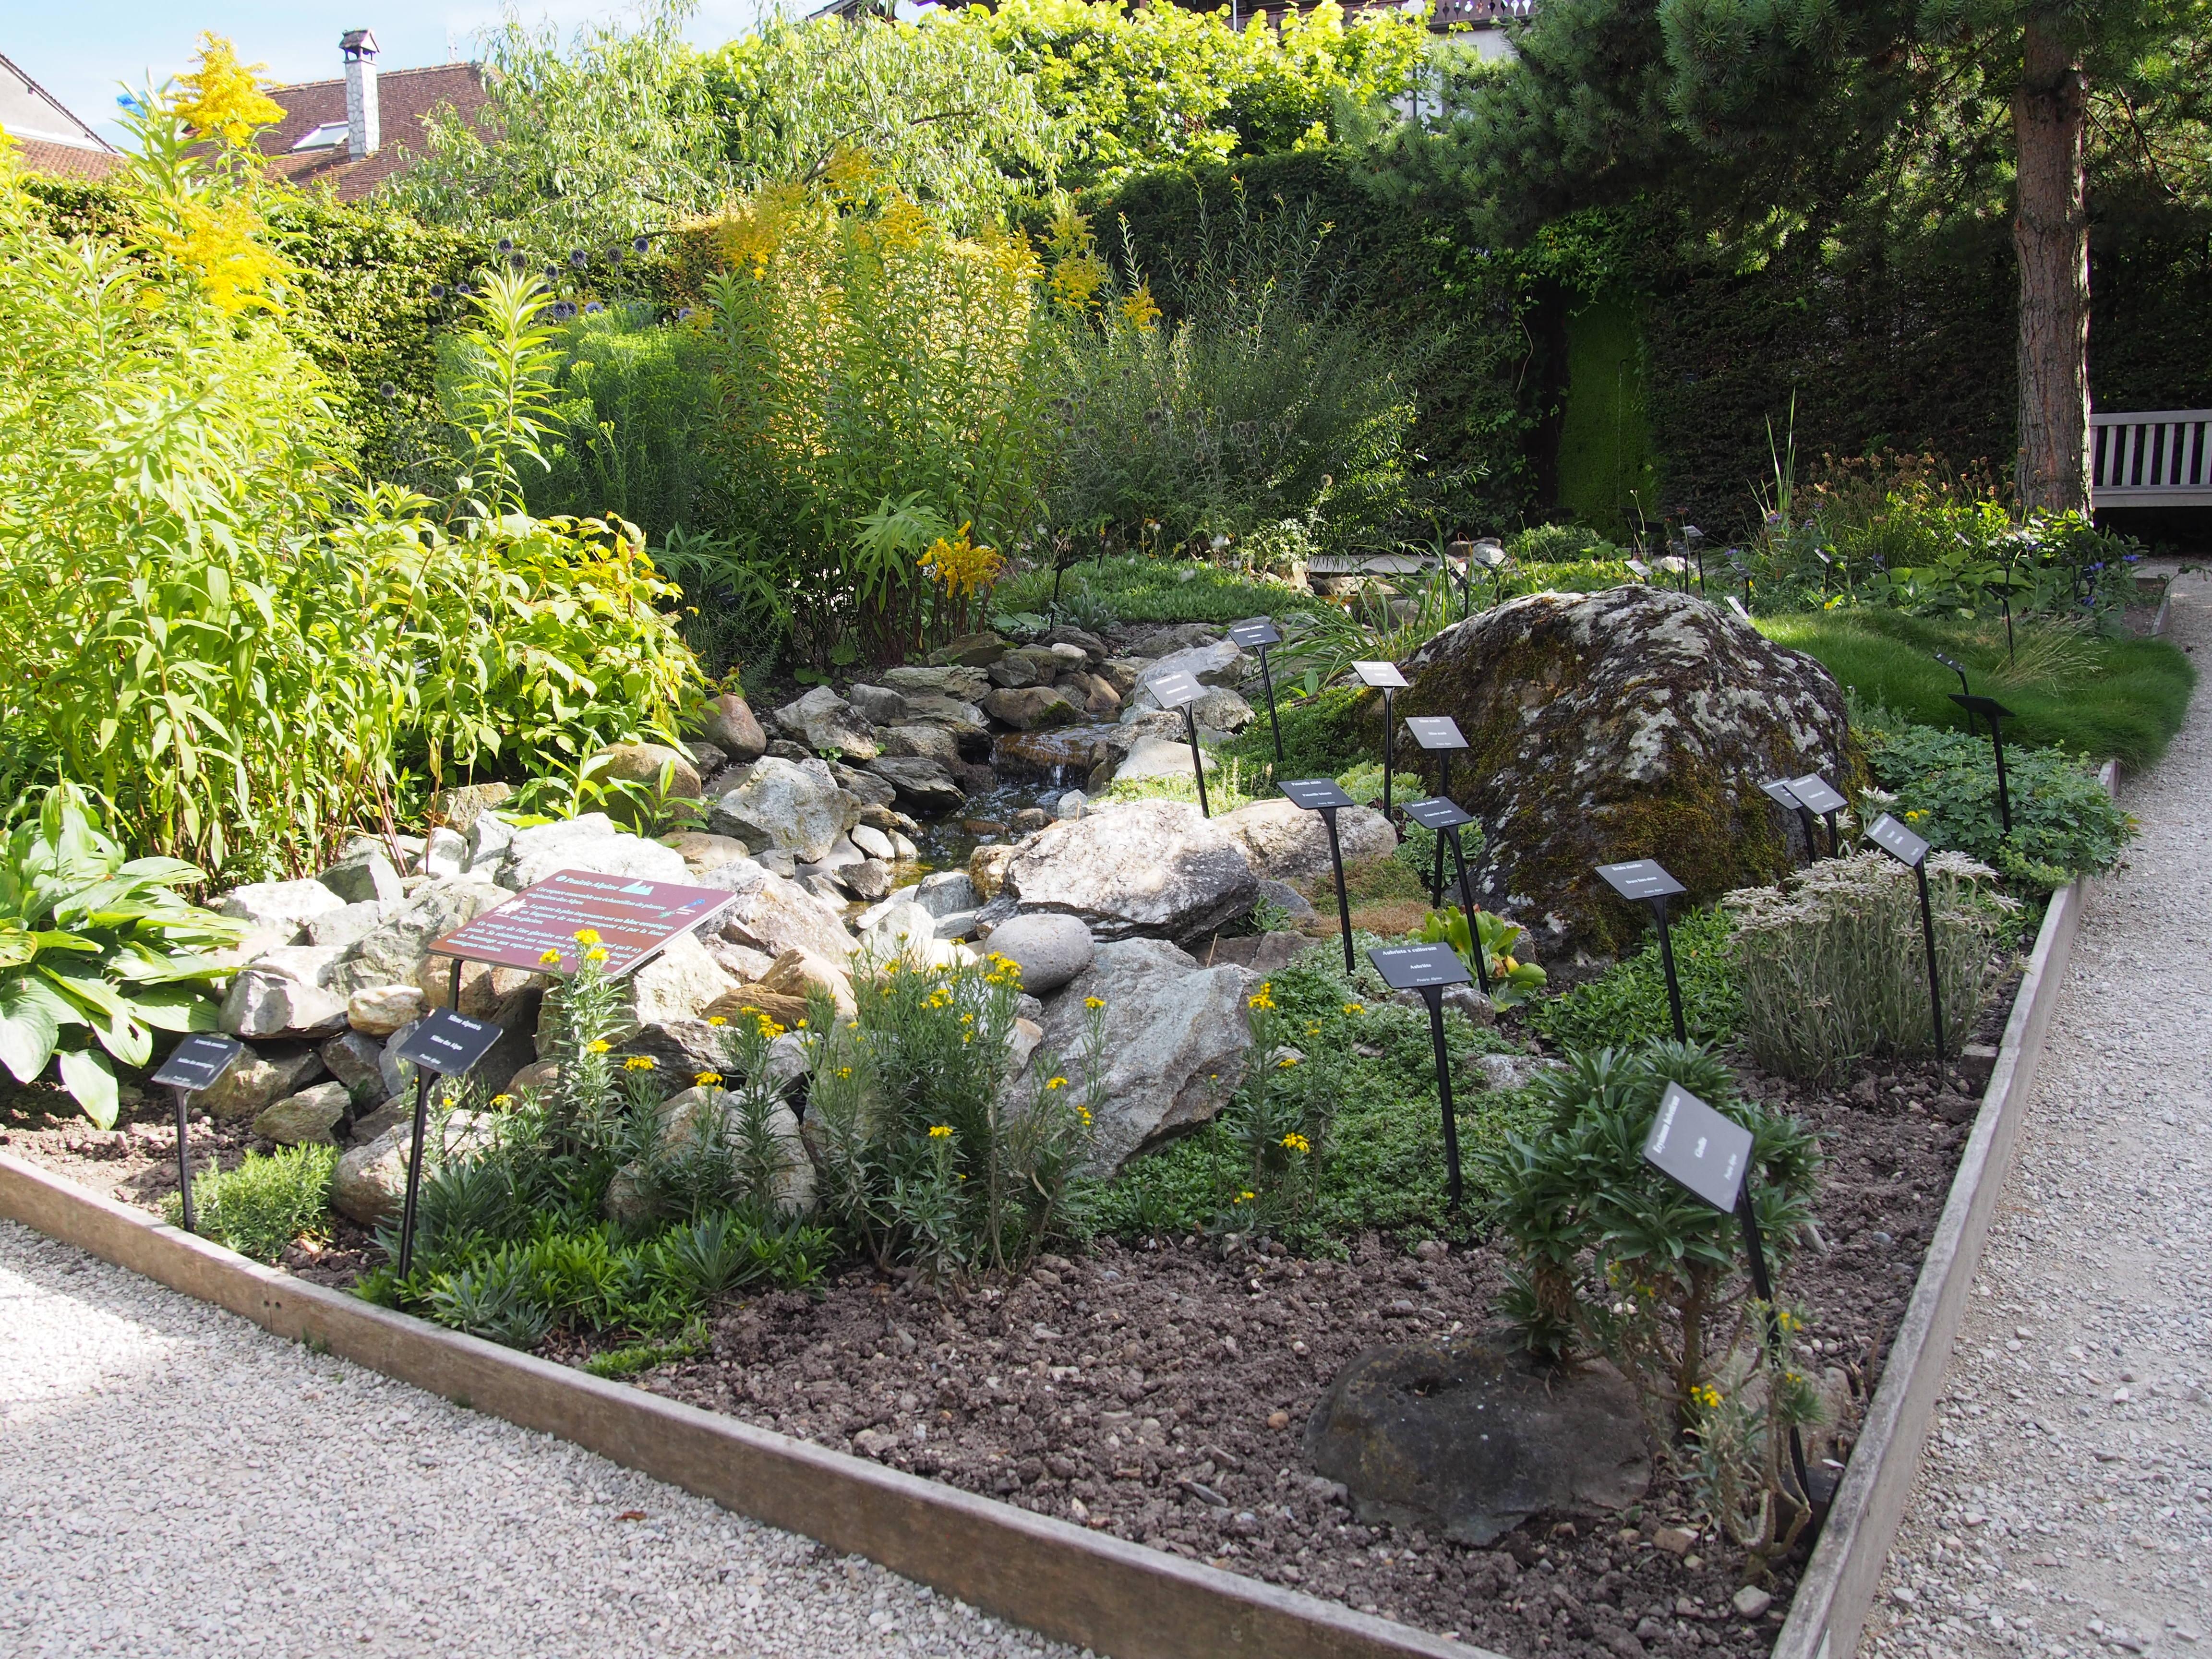 Le jardin des cinq sens claire line 39 s travelogues for Le jardin des 5 sens